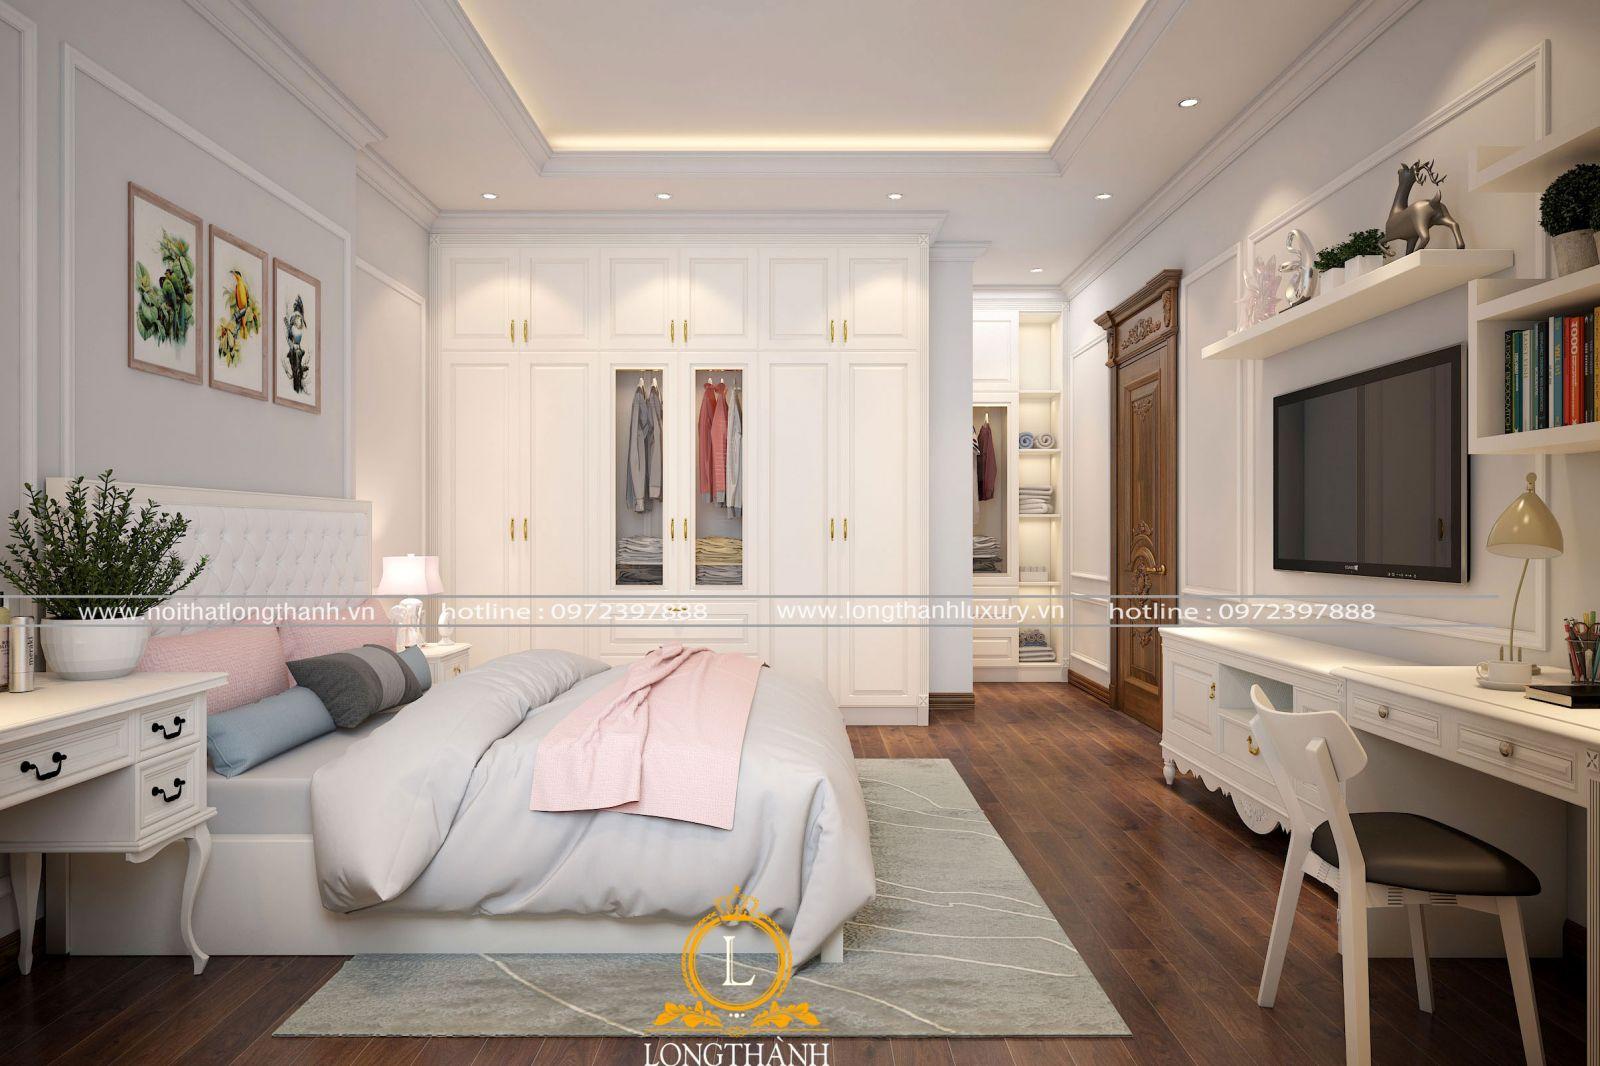 Đồ nội thất phòng ngủ được lựa chọn cân đối tiện sử dụng